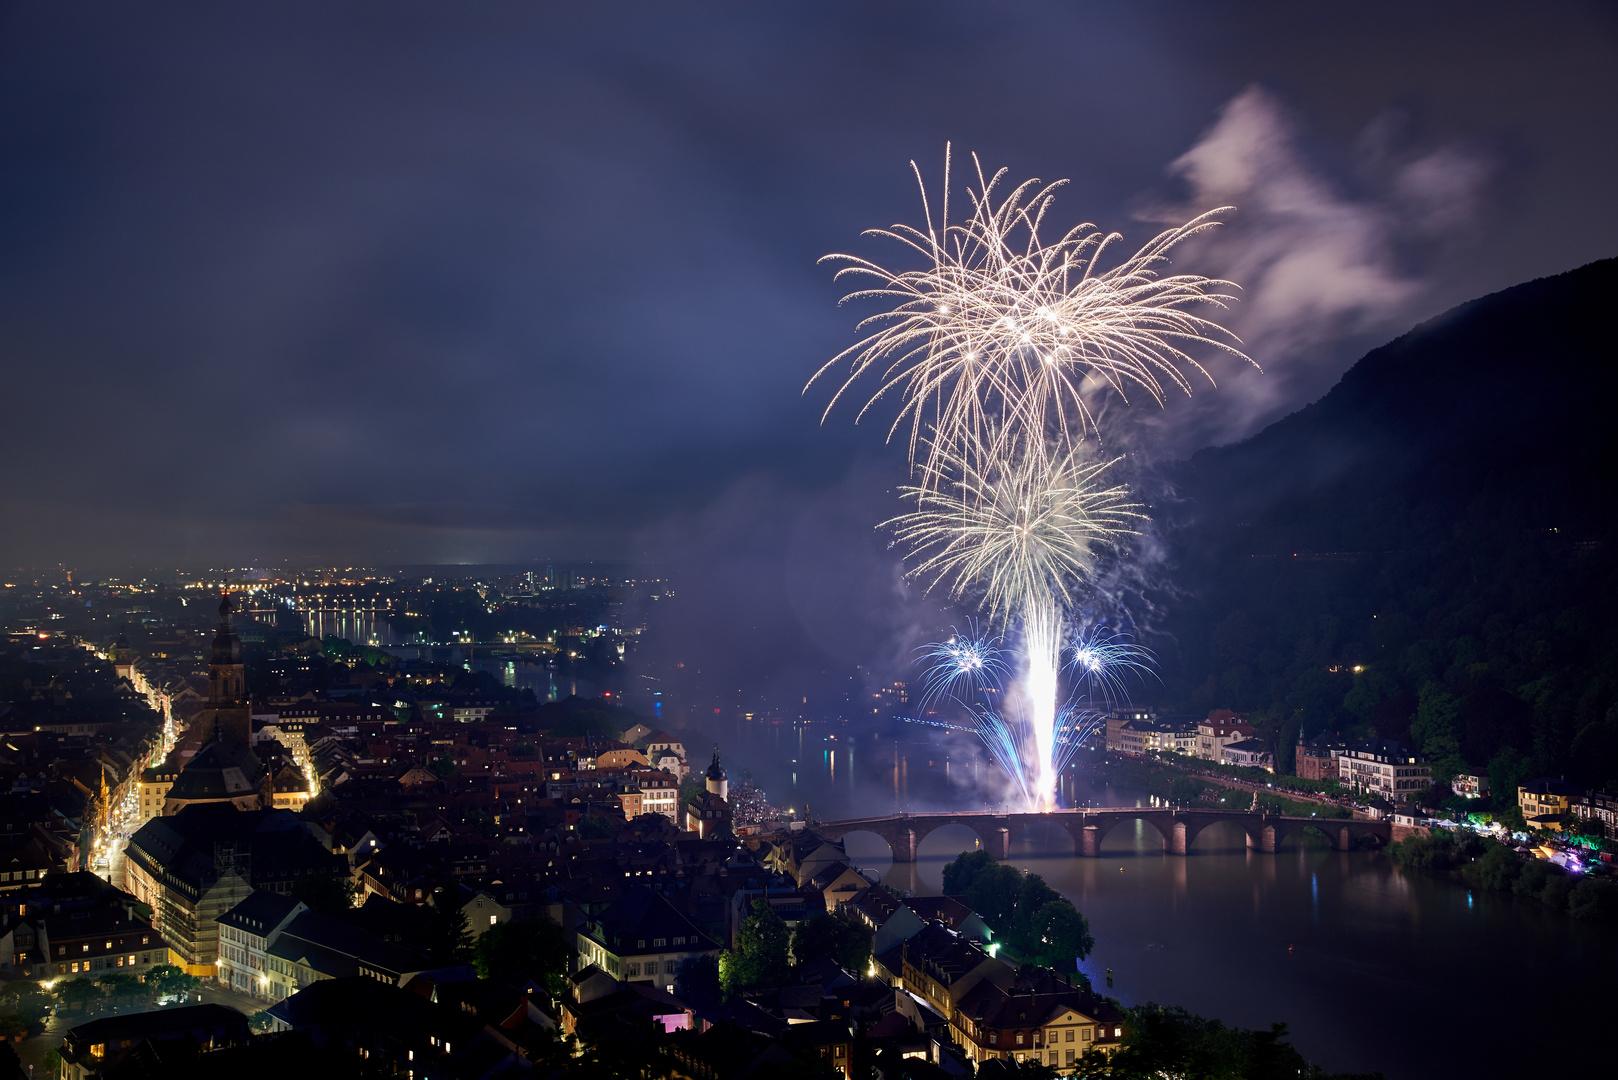 Feuerwerk auf dem Neckar